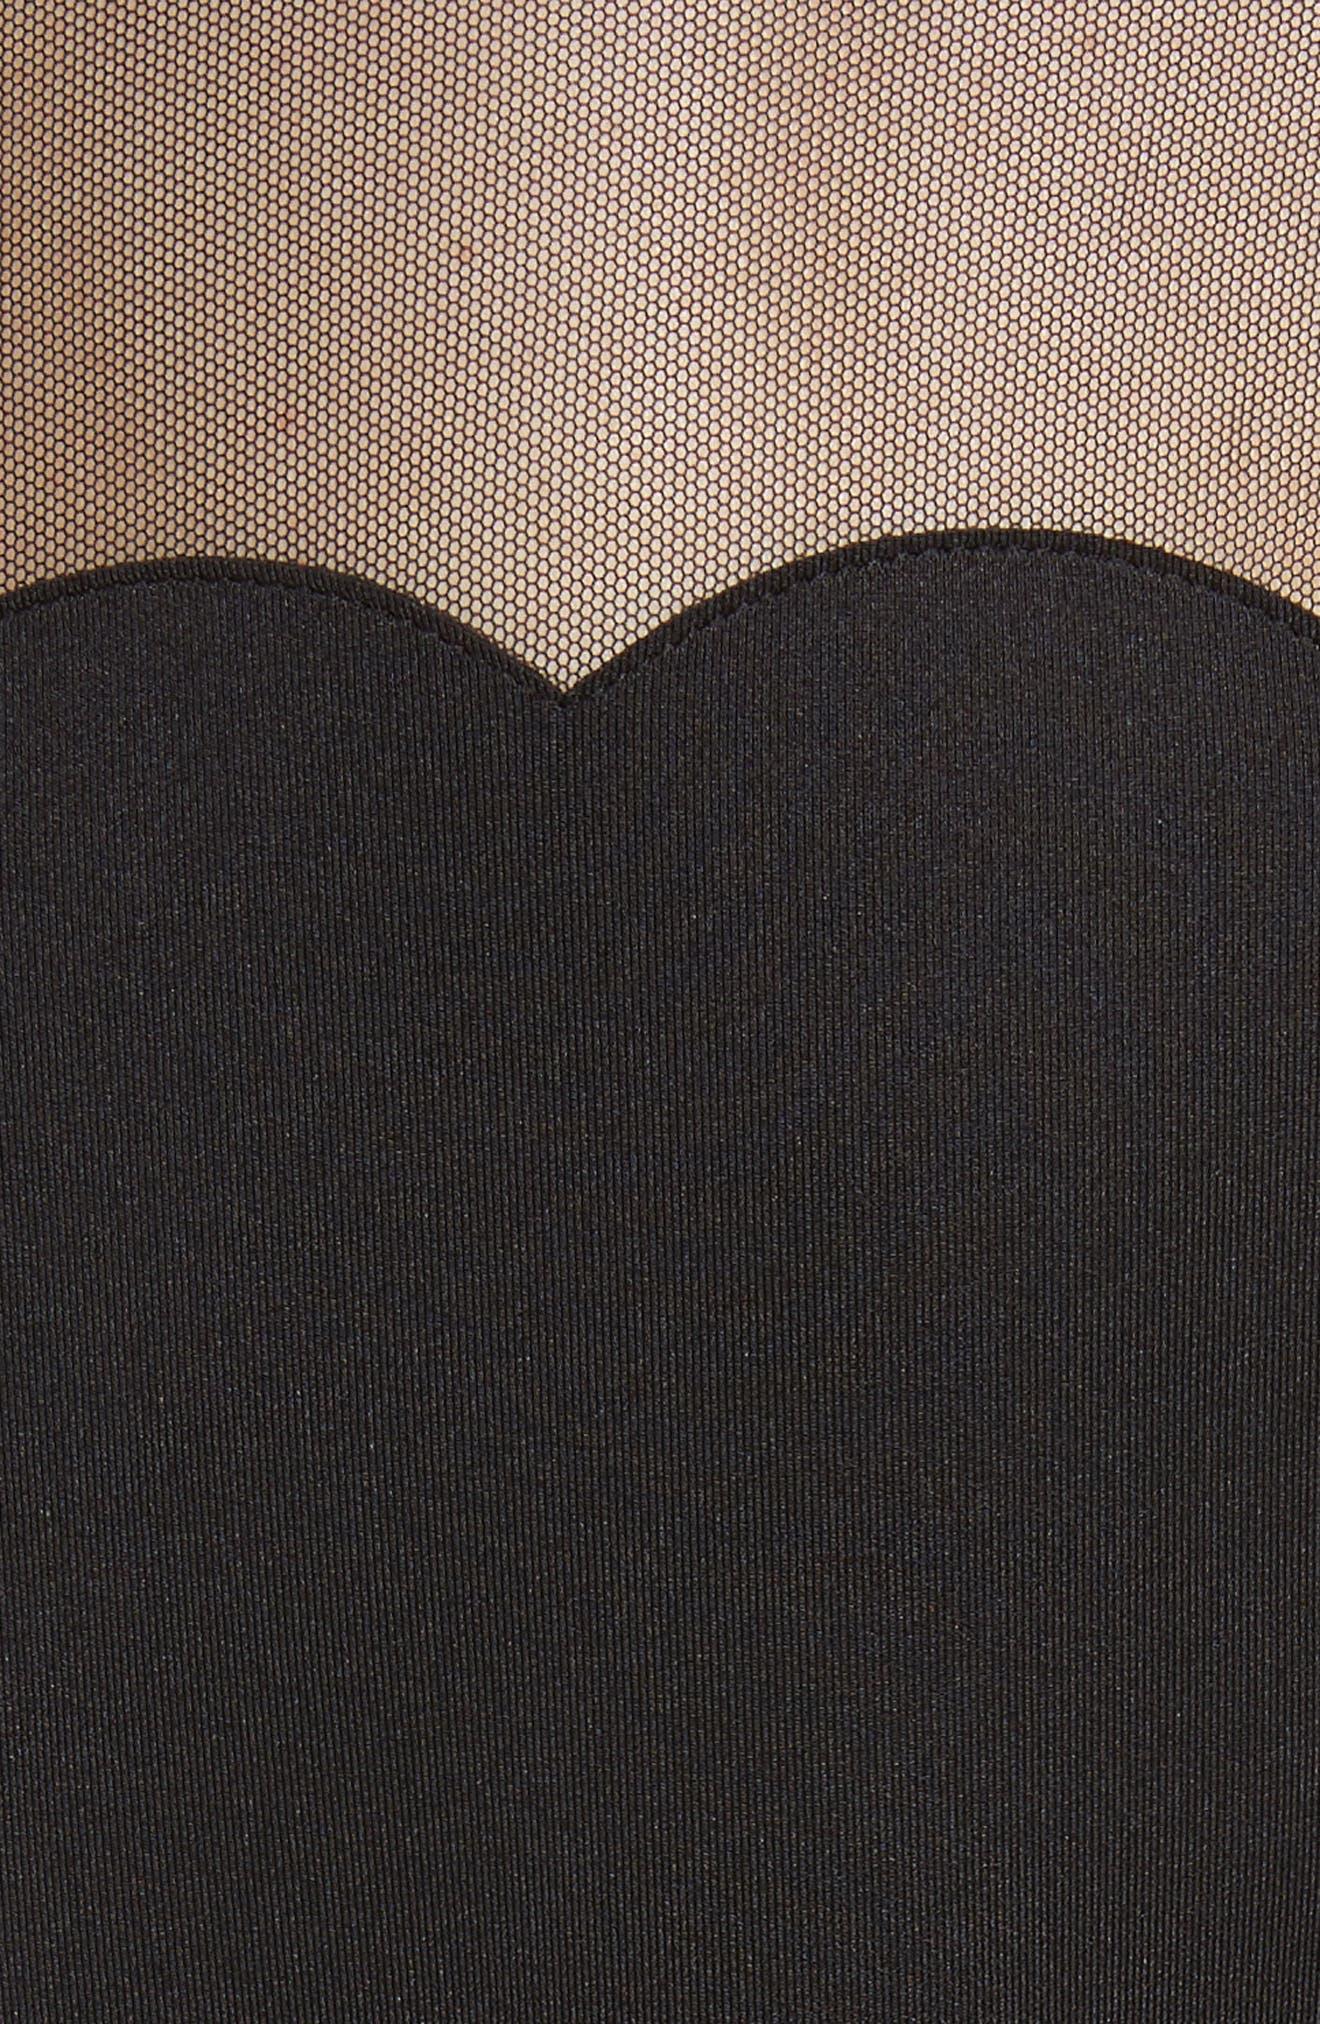 Kikoh Mesh Panel Skater Dress,                             Alternate thumbnail 5, color,                             Black